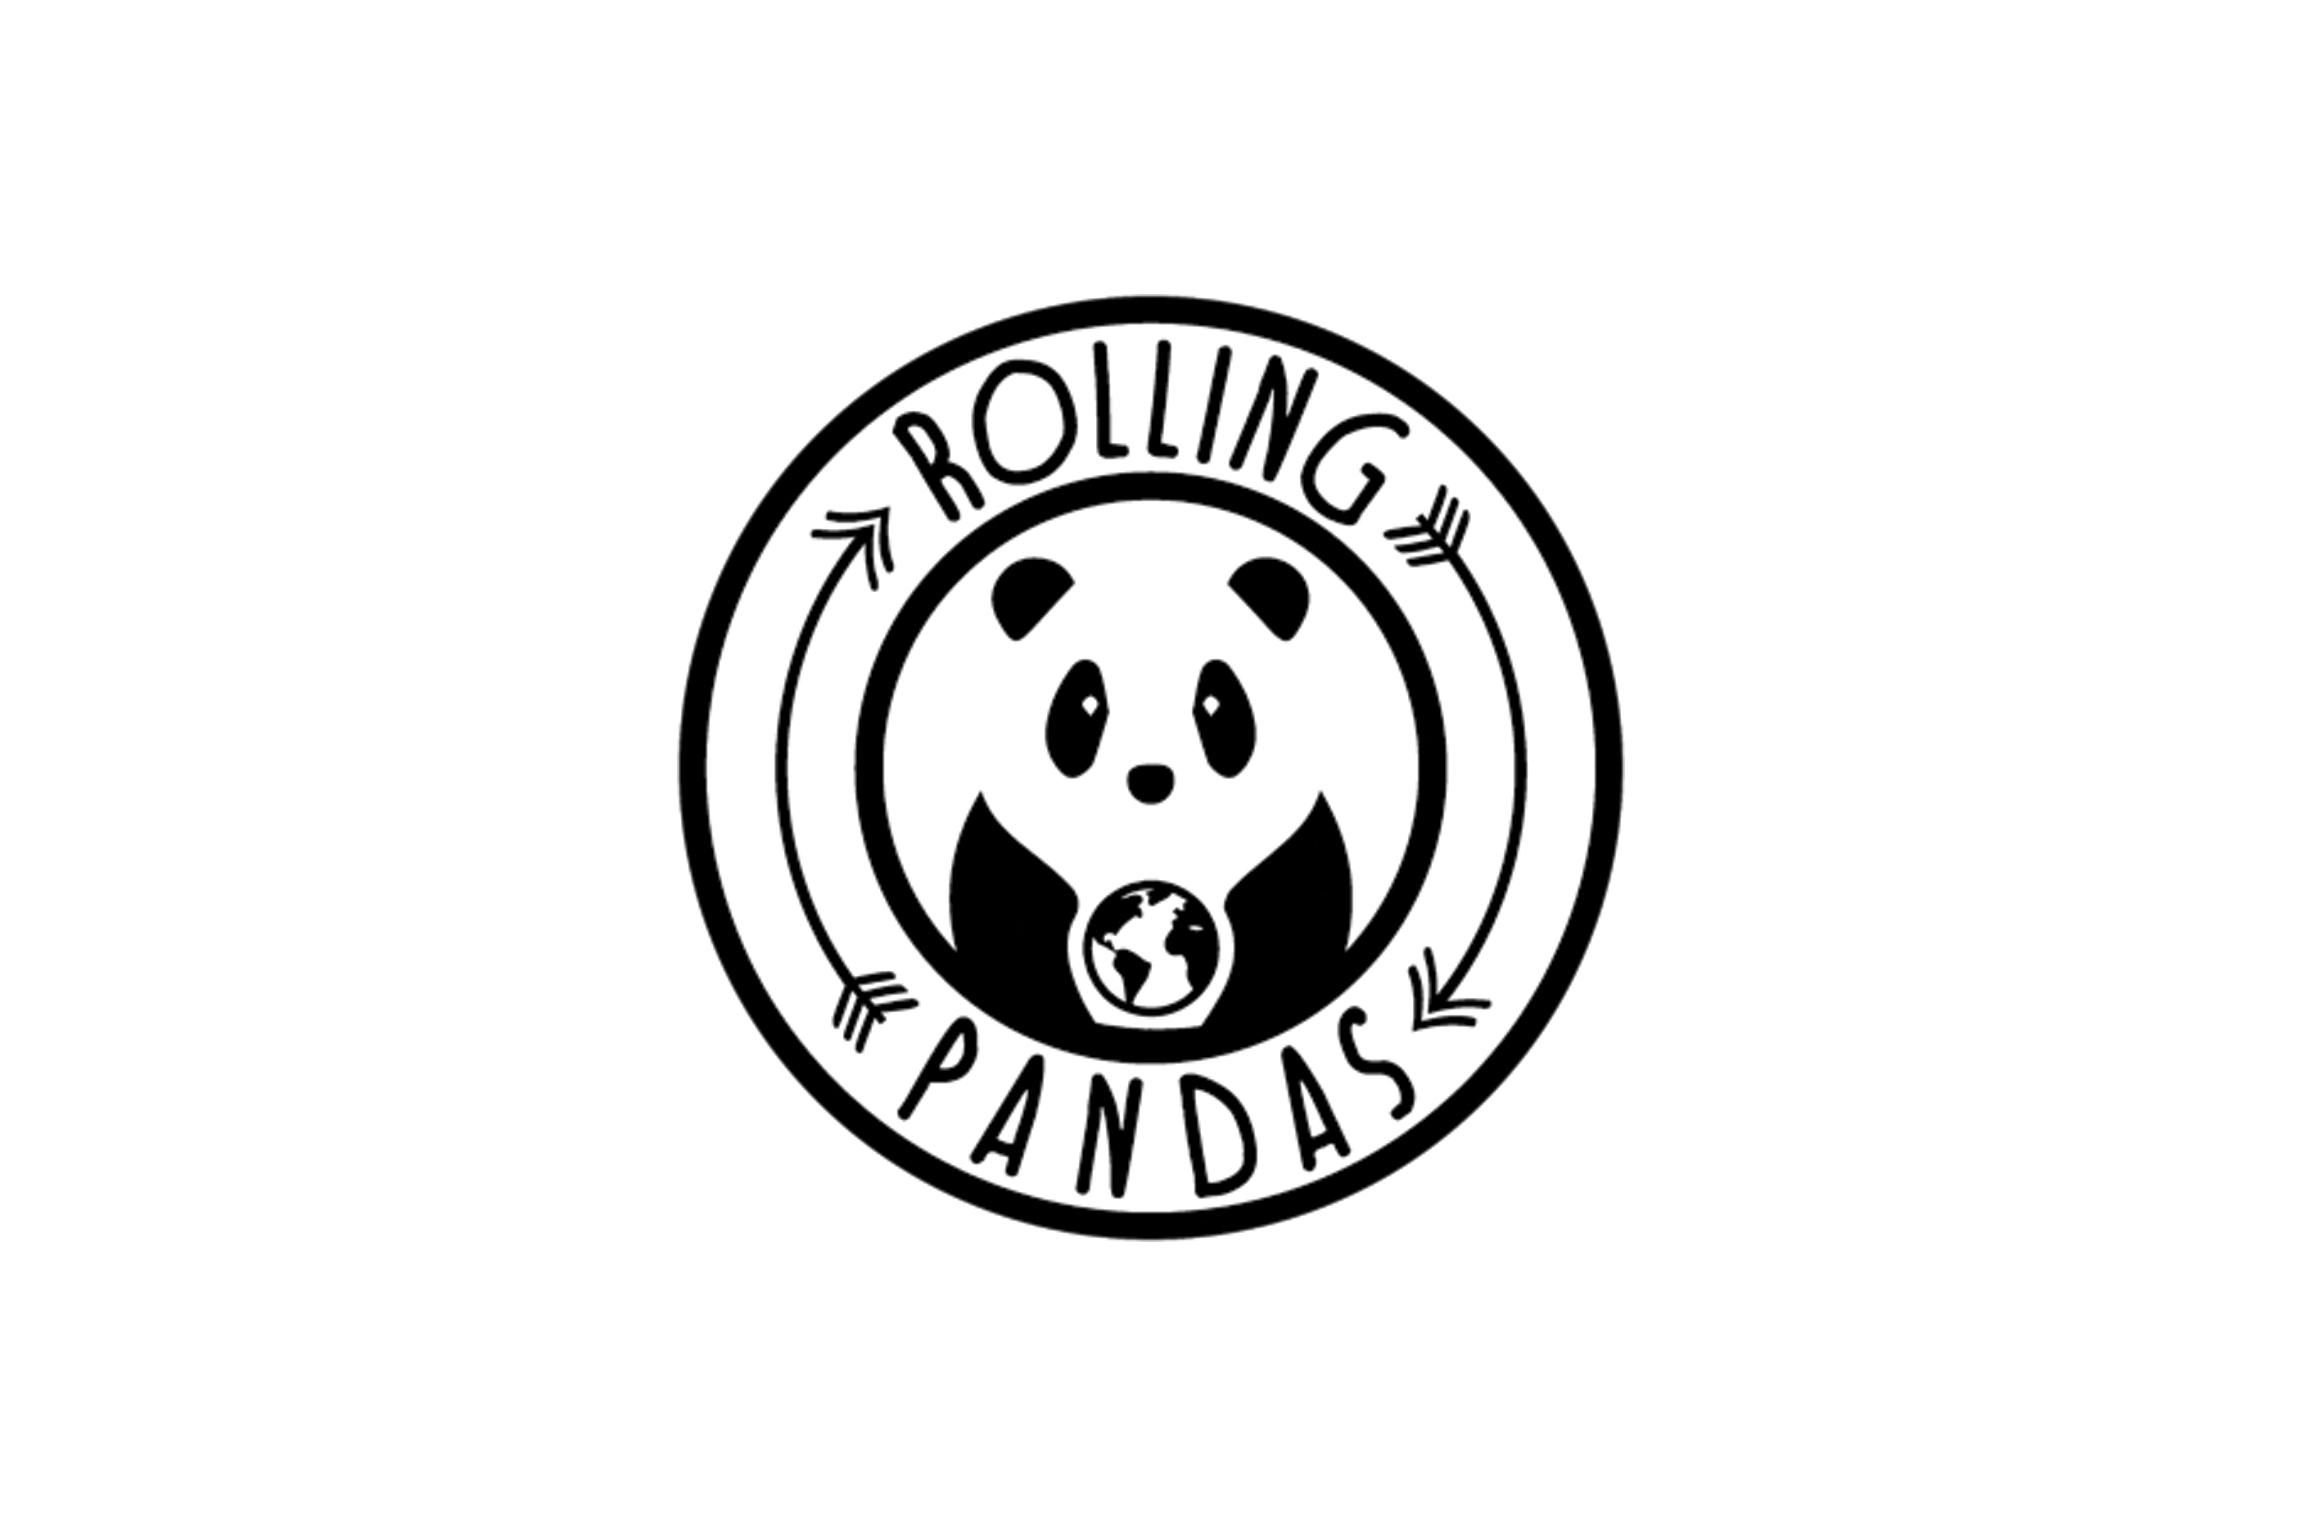 Logo Rolling Pandas